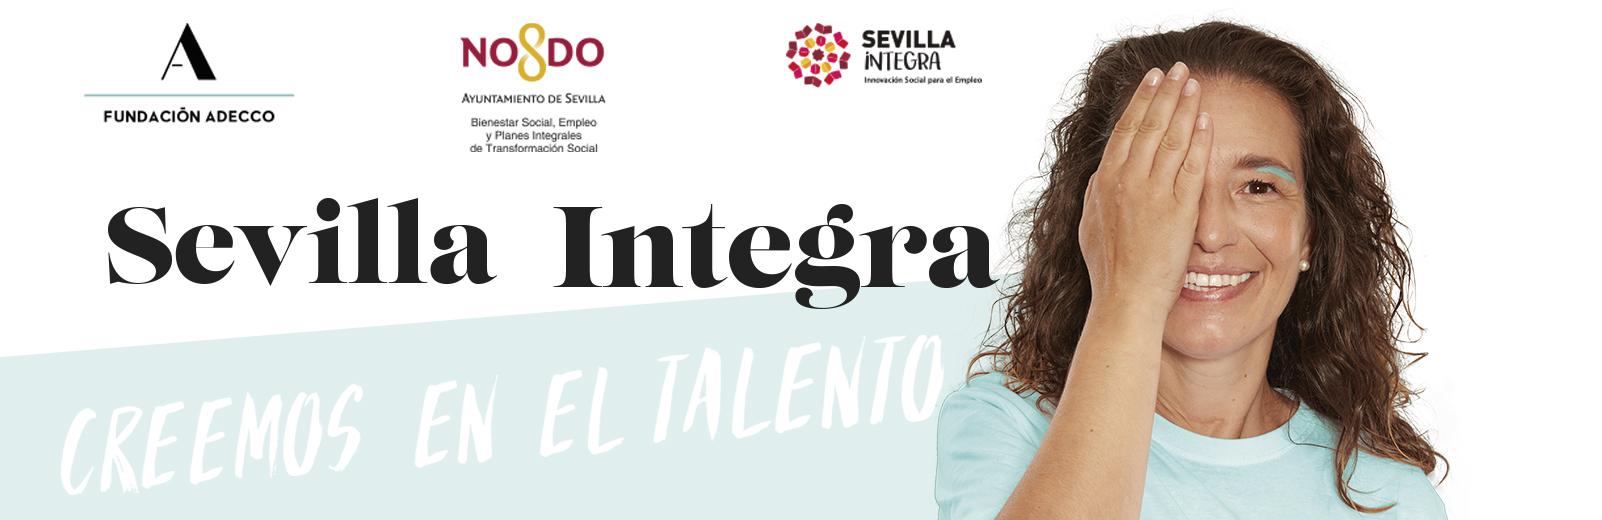 Sevilla Integra es un programa de empleo para personas en riesgo de exclusión social impulsado por el Ayuntamiento de sevilla y desarrollado por la Fundación Adecco